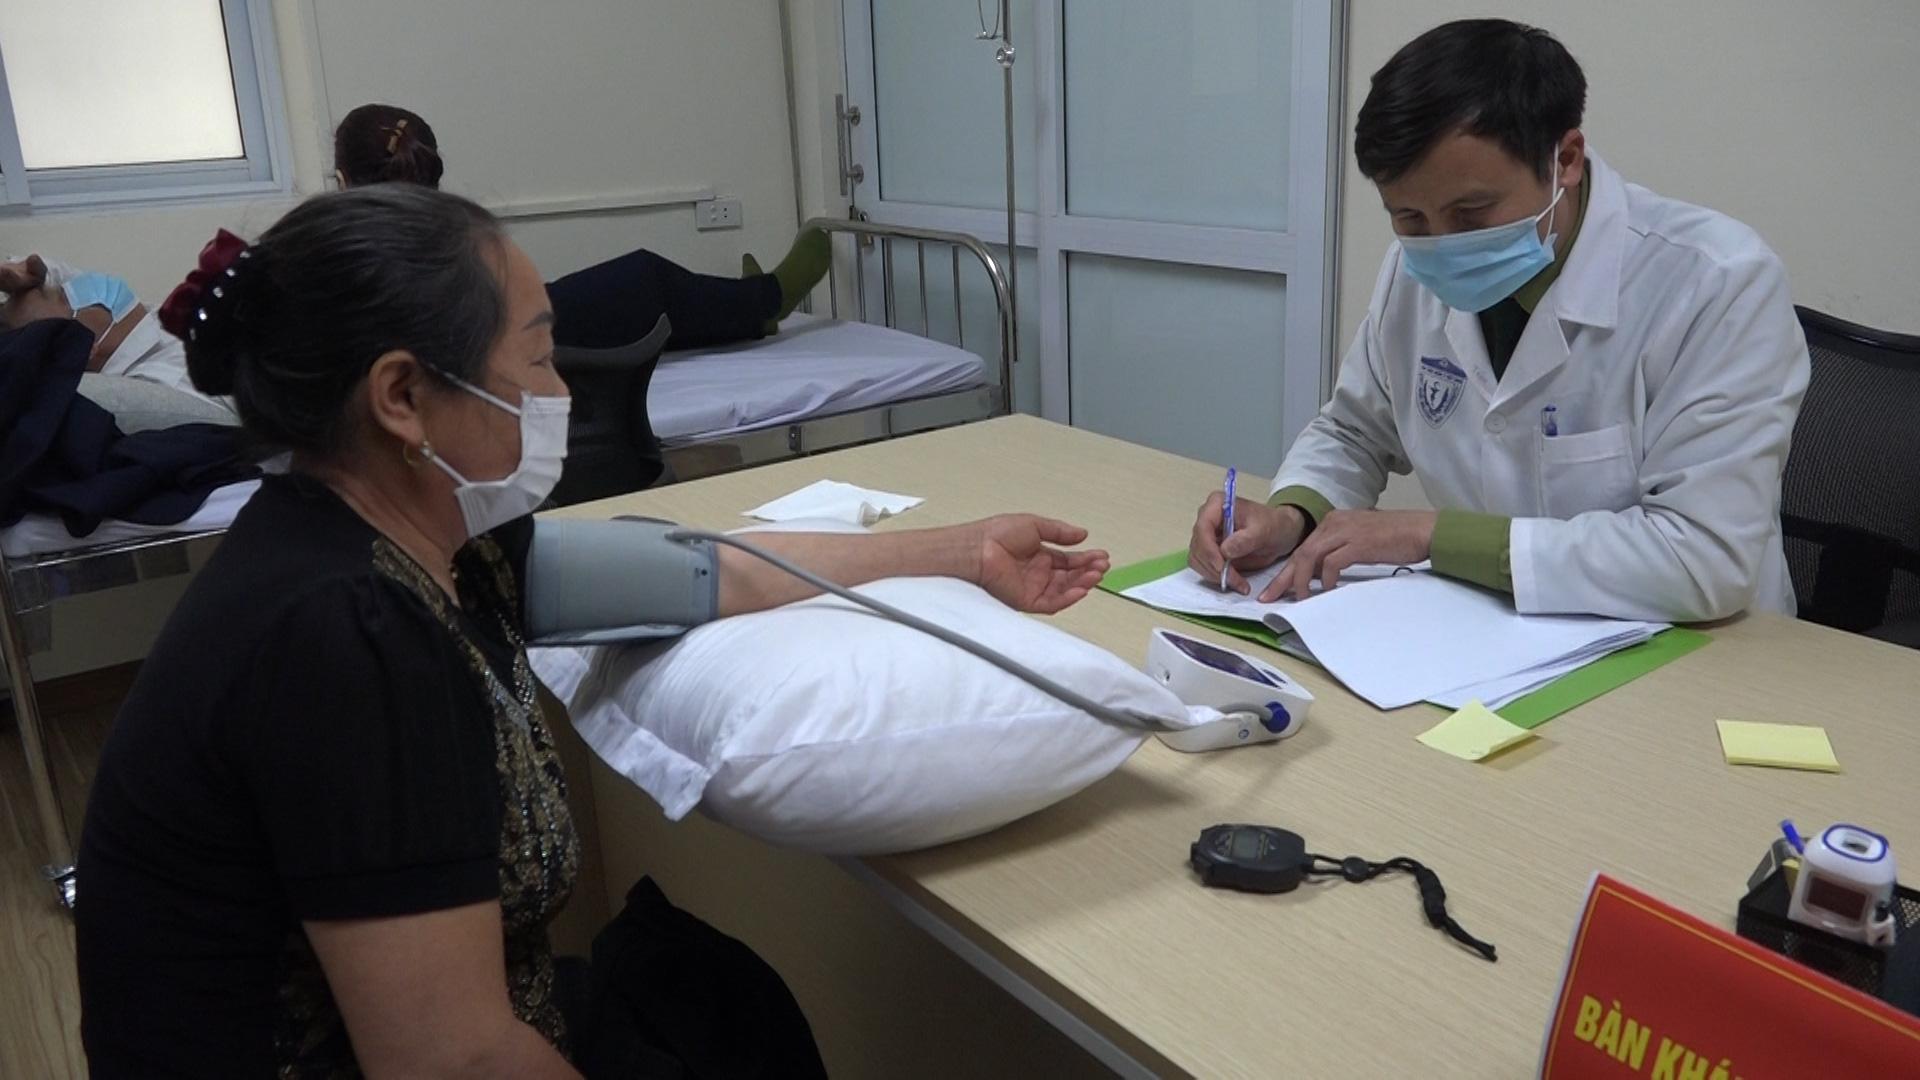 Việt Nam thử nghiệm lâm sàng vắc xin COVID-19 Nano Covax giai đoạn 2 - Ảnh 3.